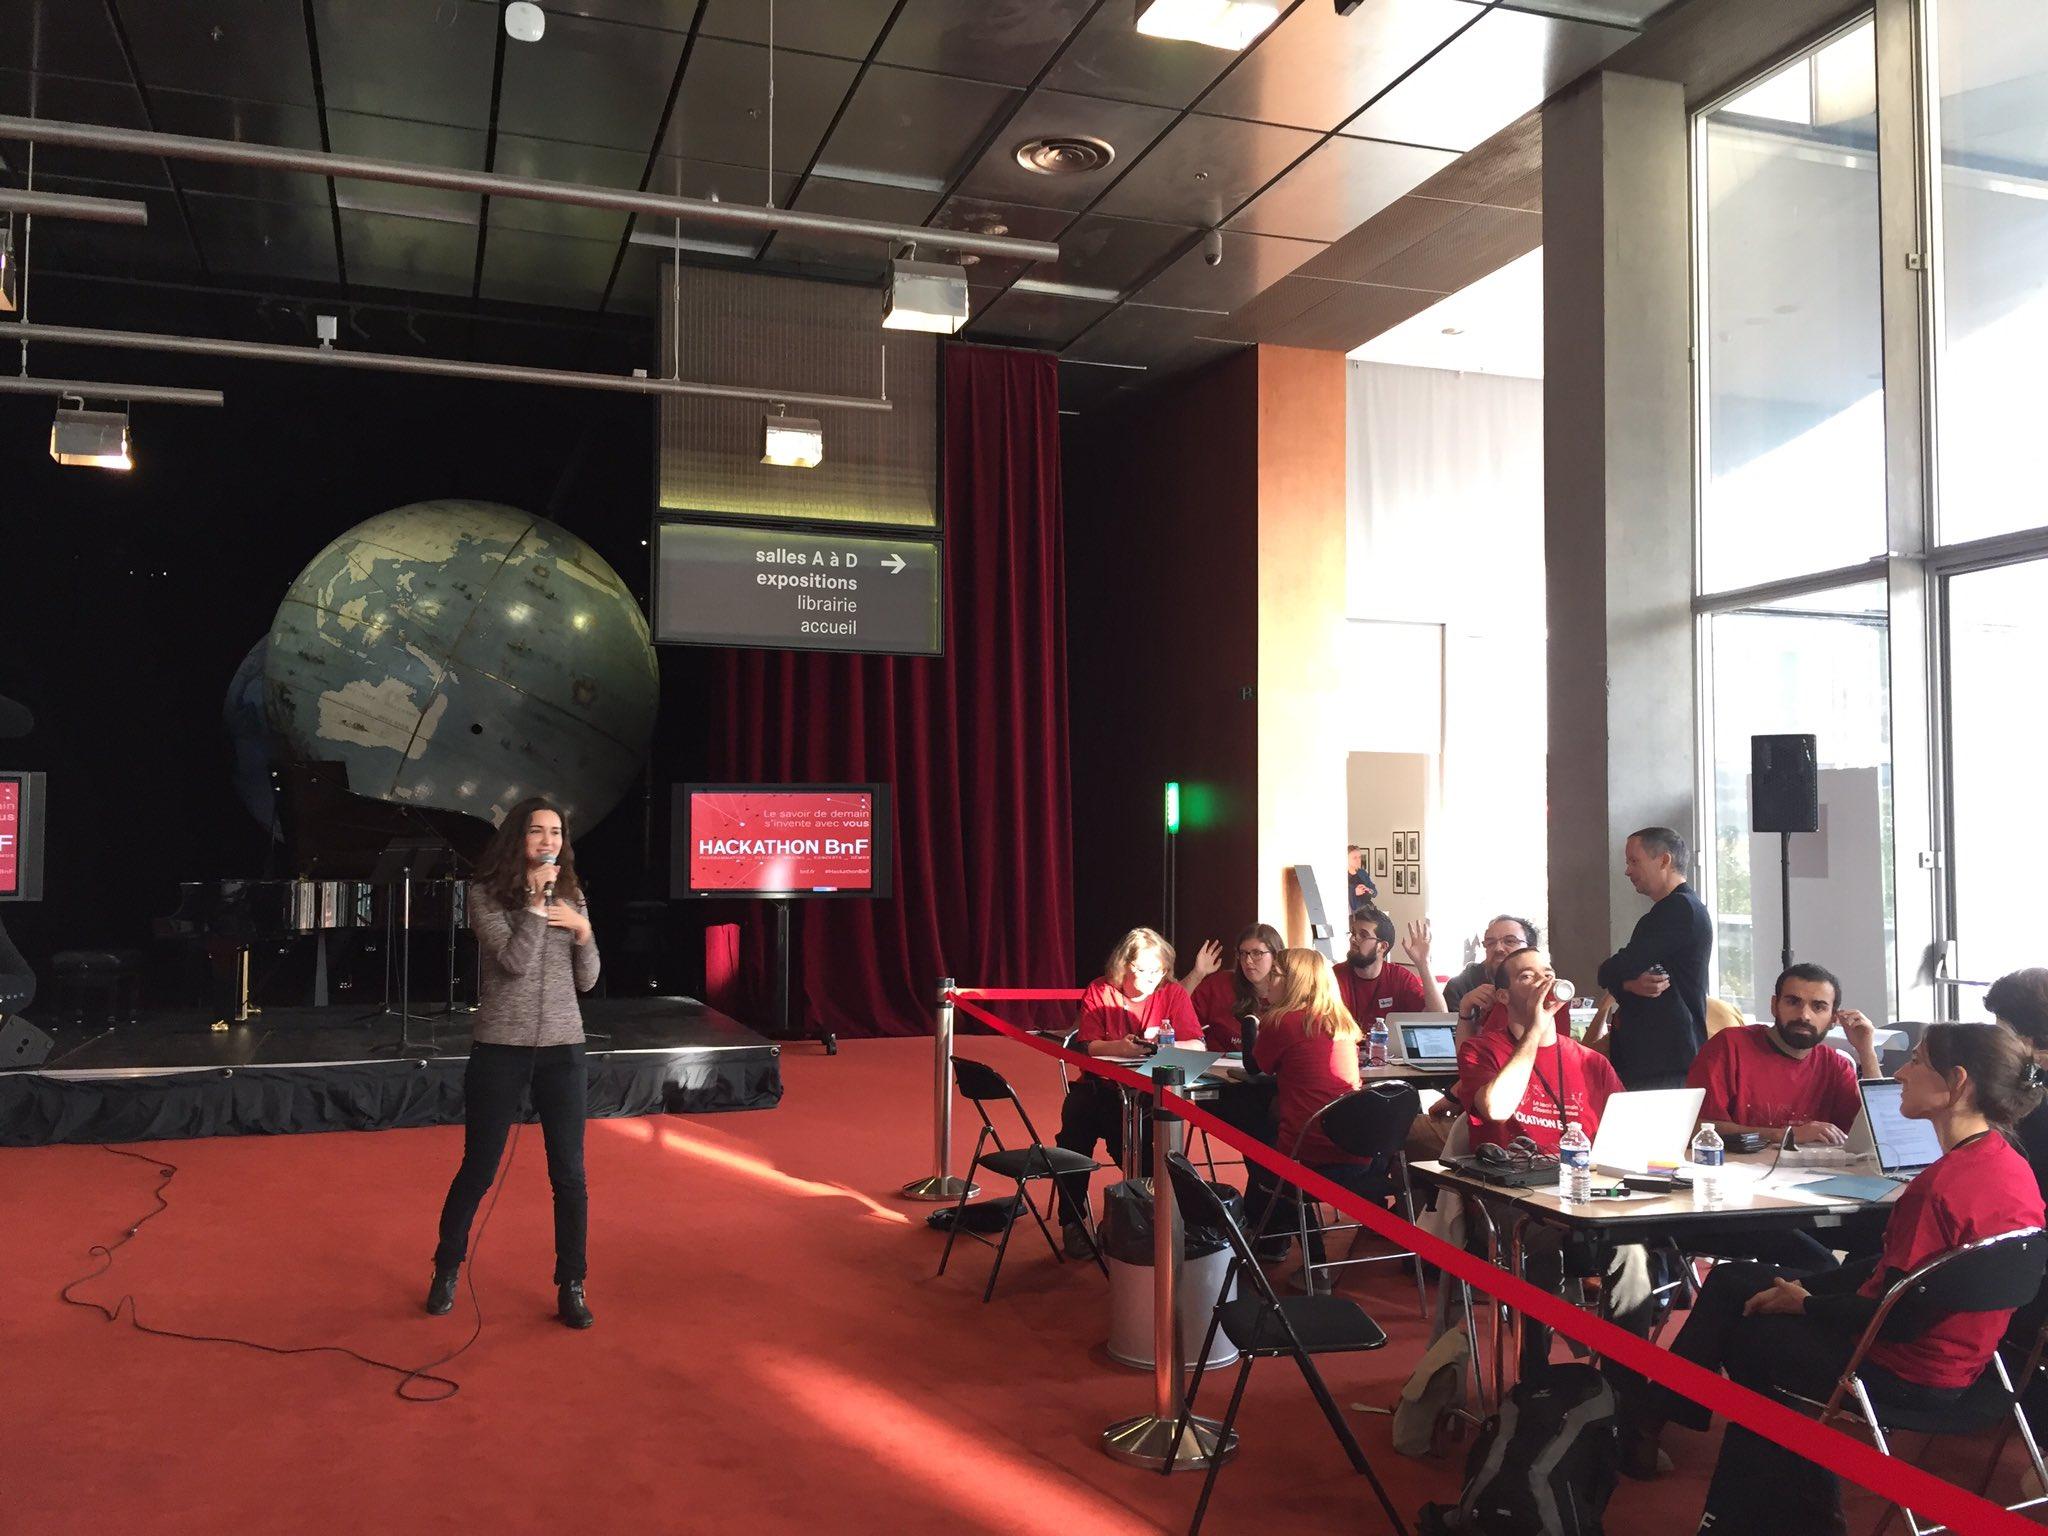 . @roxannevarza souligne le nombre de femmes présentes aujourd'hui et les ressources mises à disposition pour le #hackathonBnf https://t.co/QQ4aMwySPx